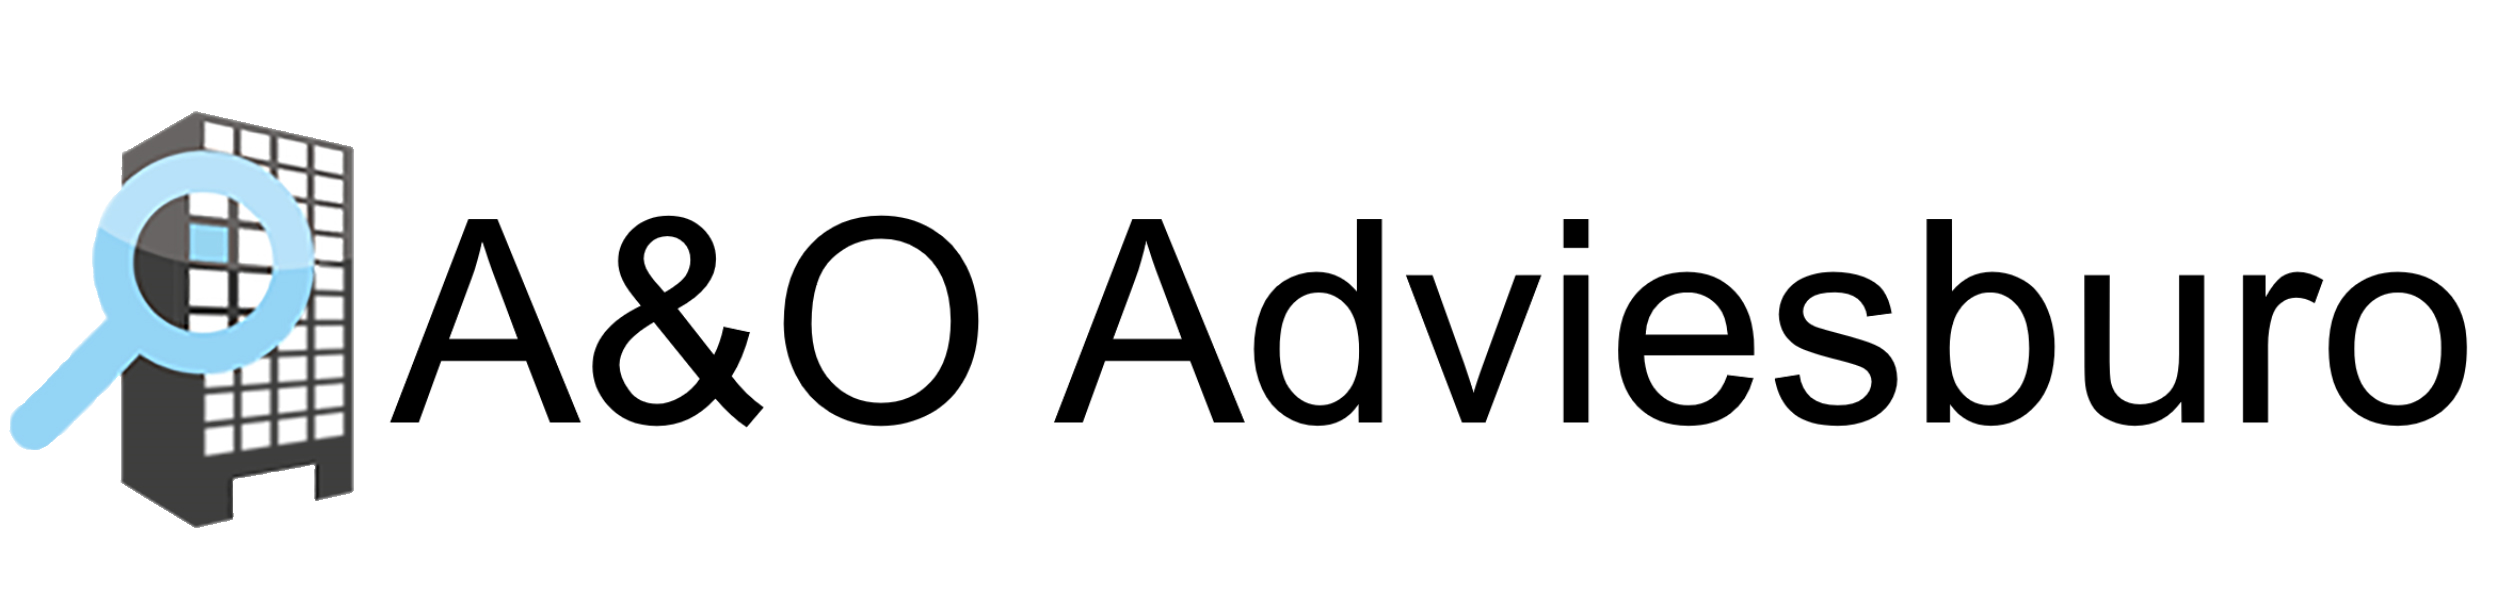 HeaderlogoBlack